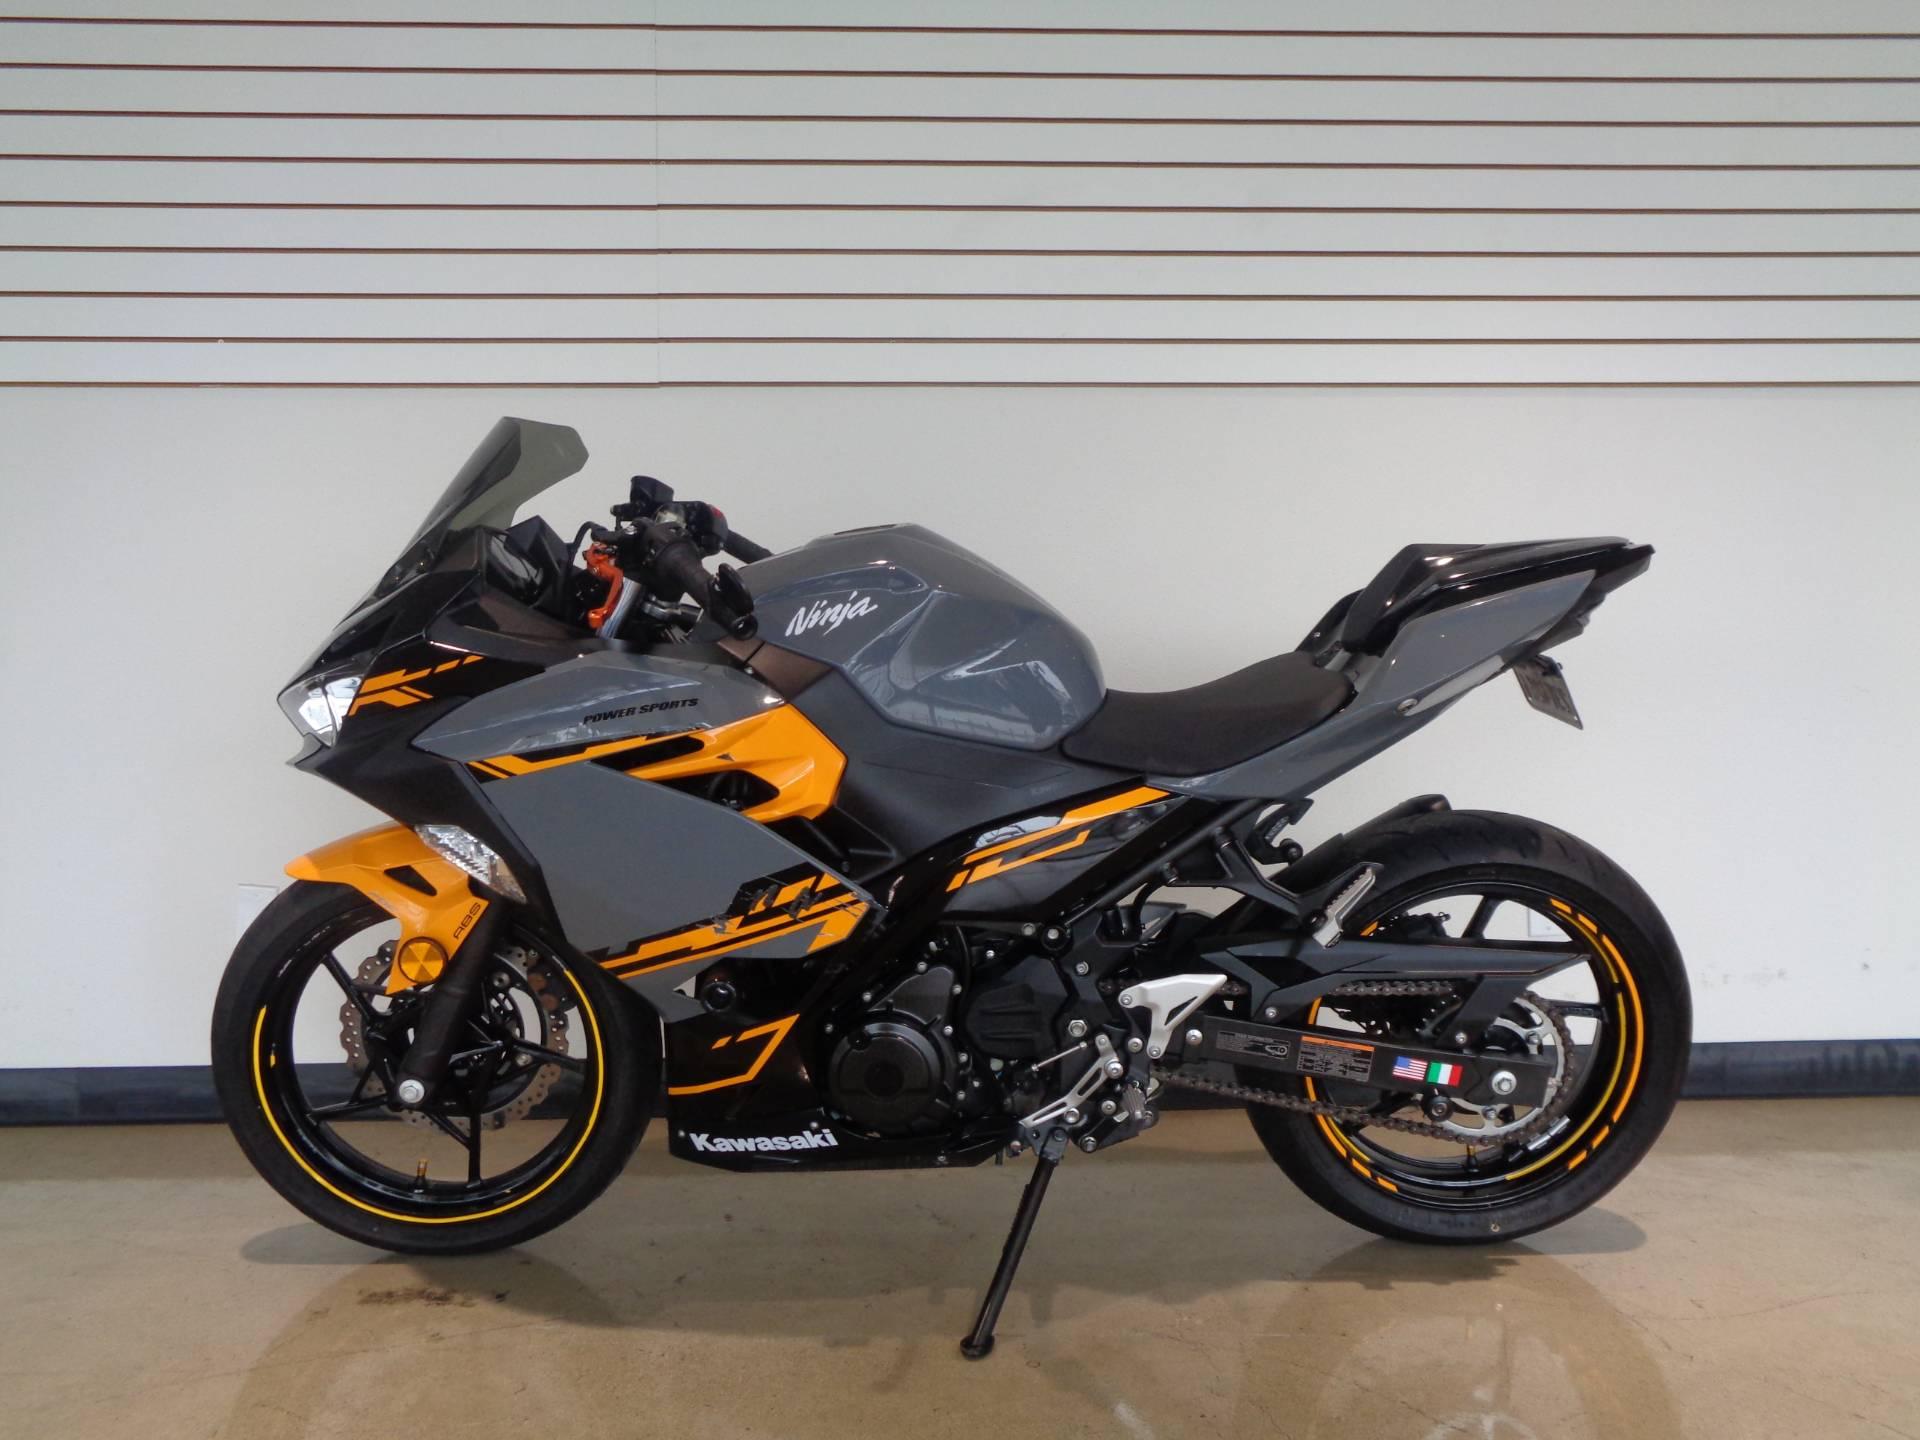 2018 Kawasaki Ninja 400 ABS 10